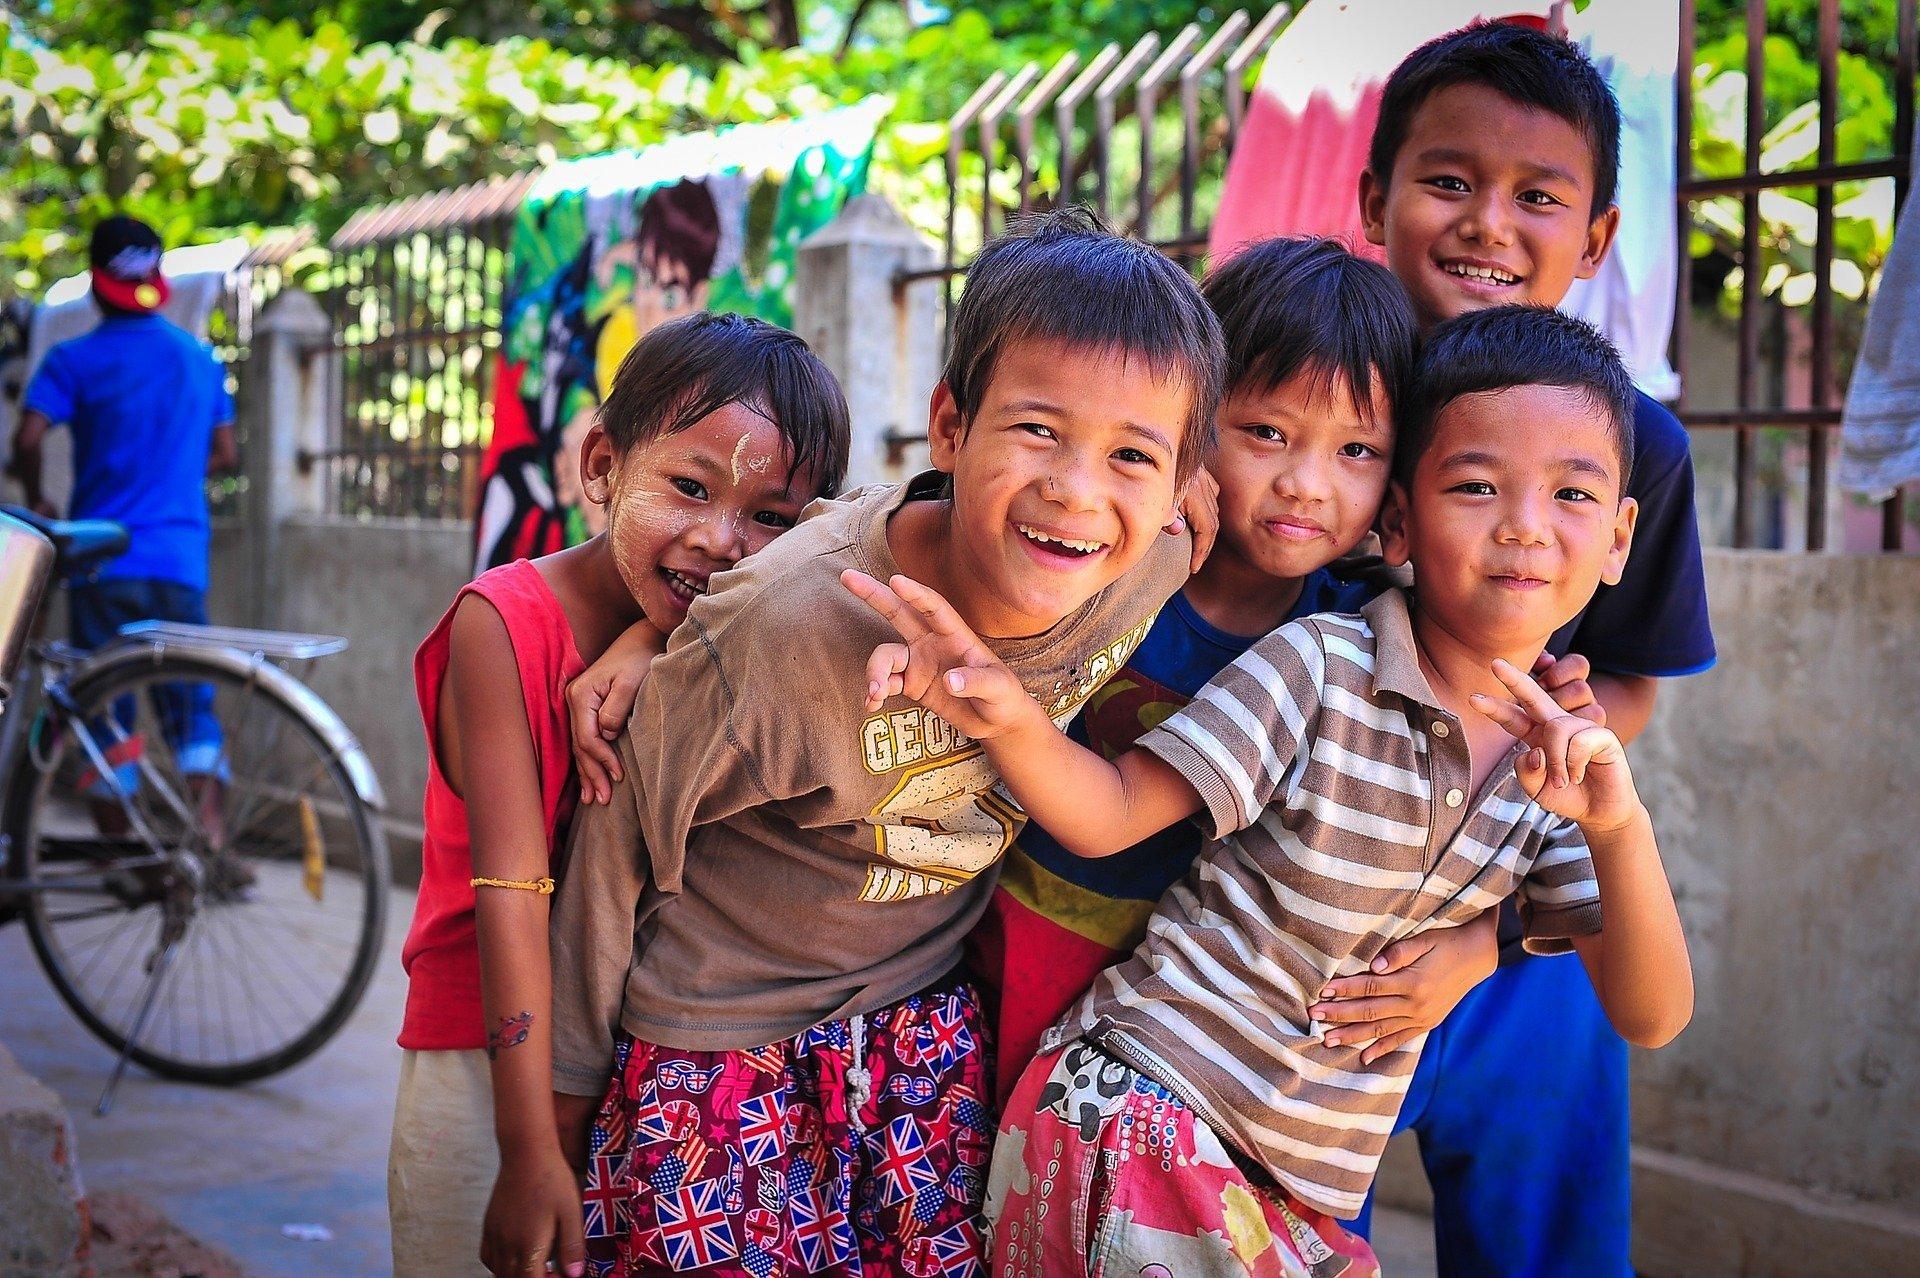 22 мальчика-сироты: история первой массовой вакцинации